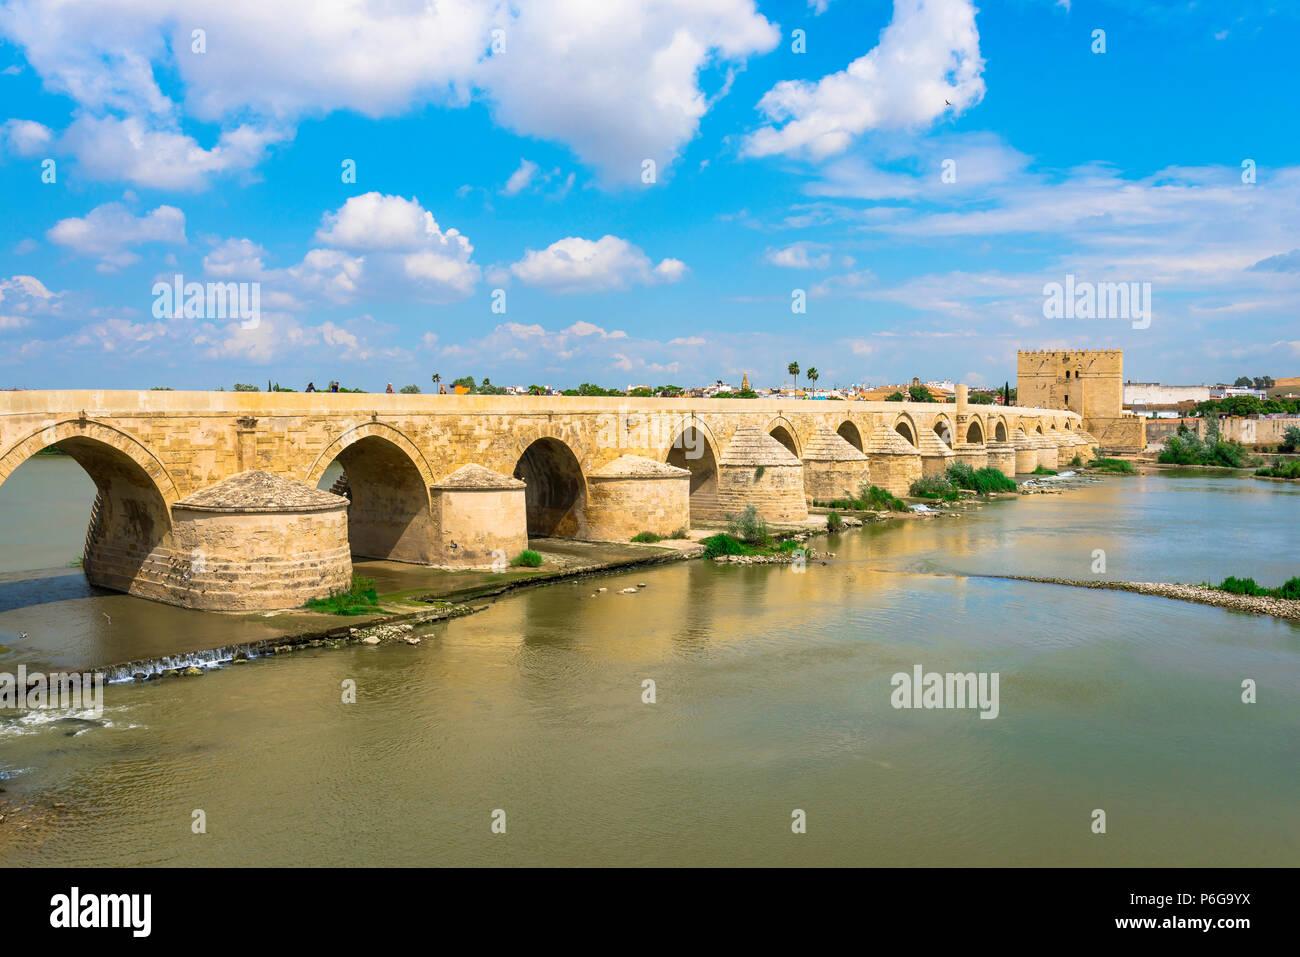 Puente de Córdoba, vista del histórico Puente Romano del Río Guadalquivir en Córdoba (Córdoba), Andalucía, España. Imagen De Stock